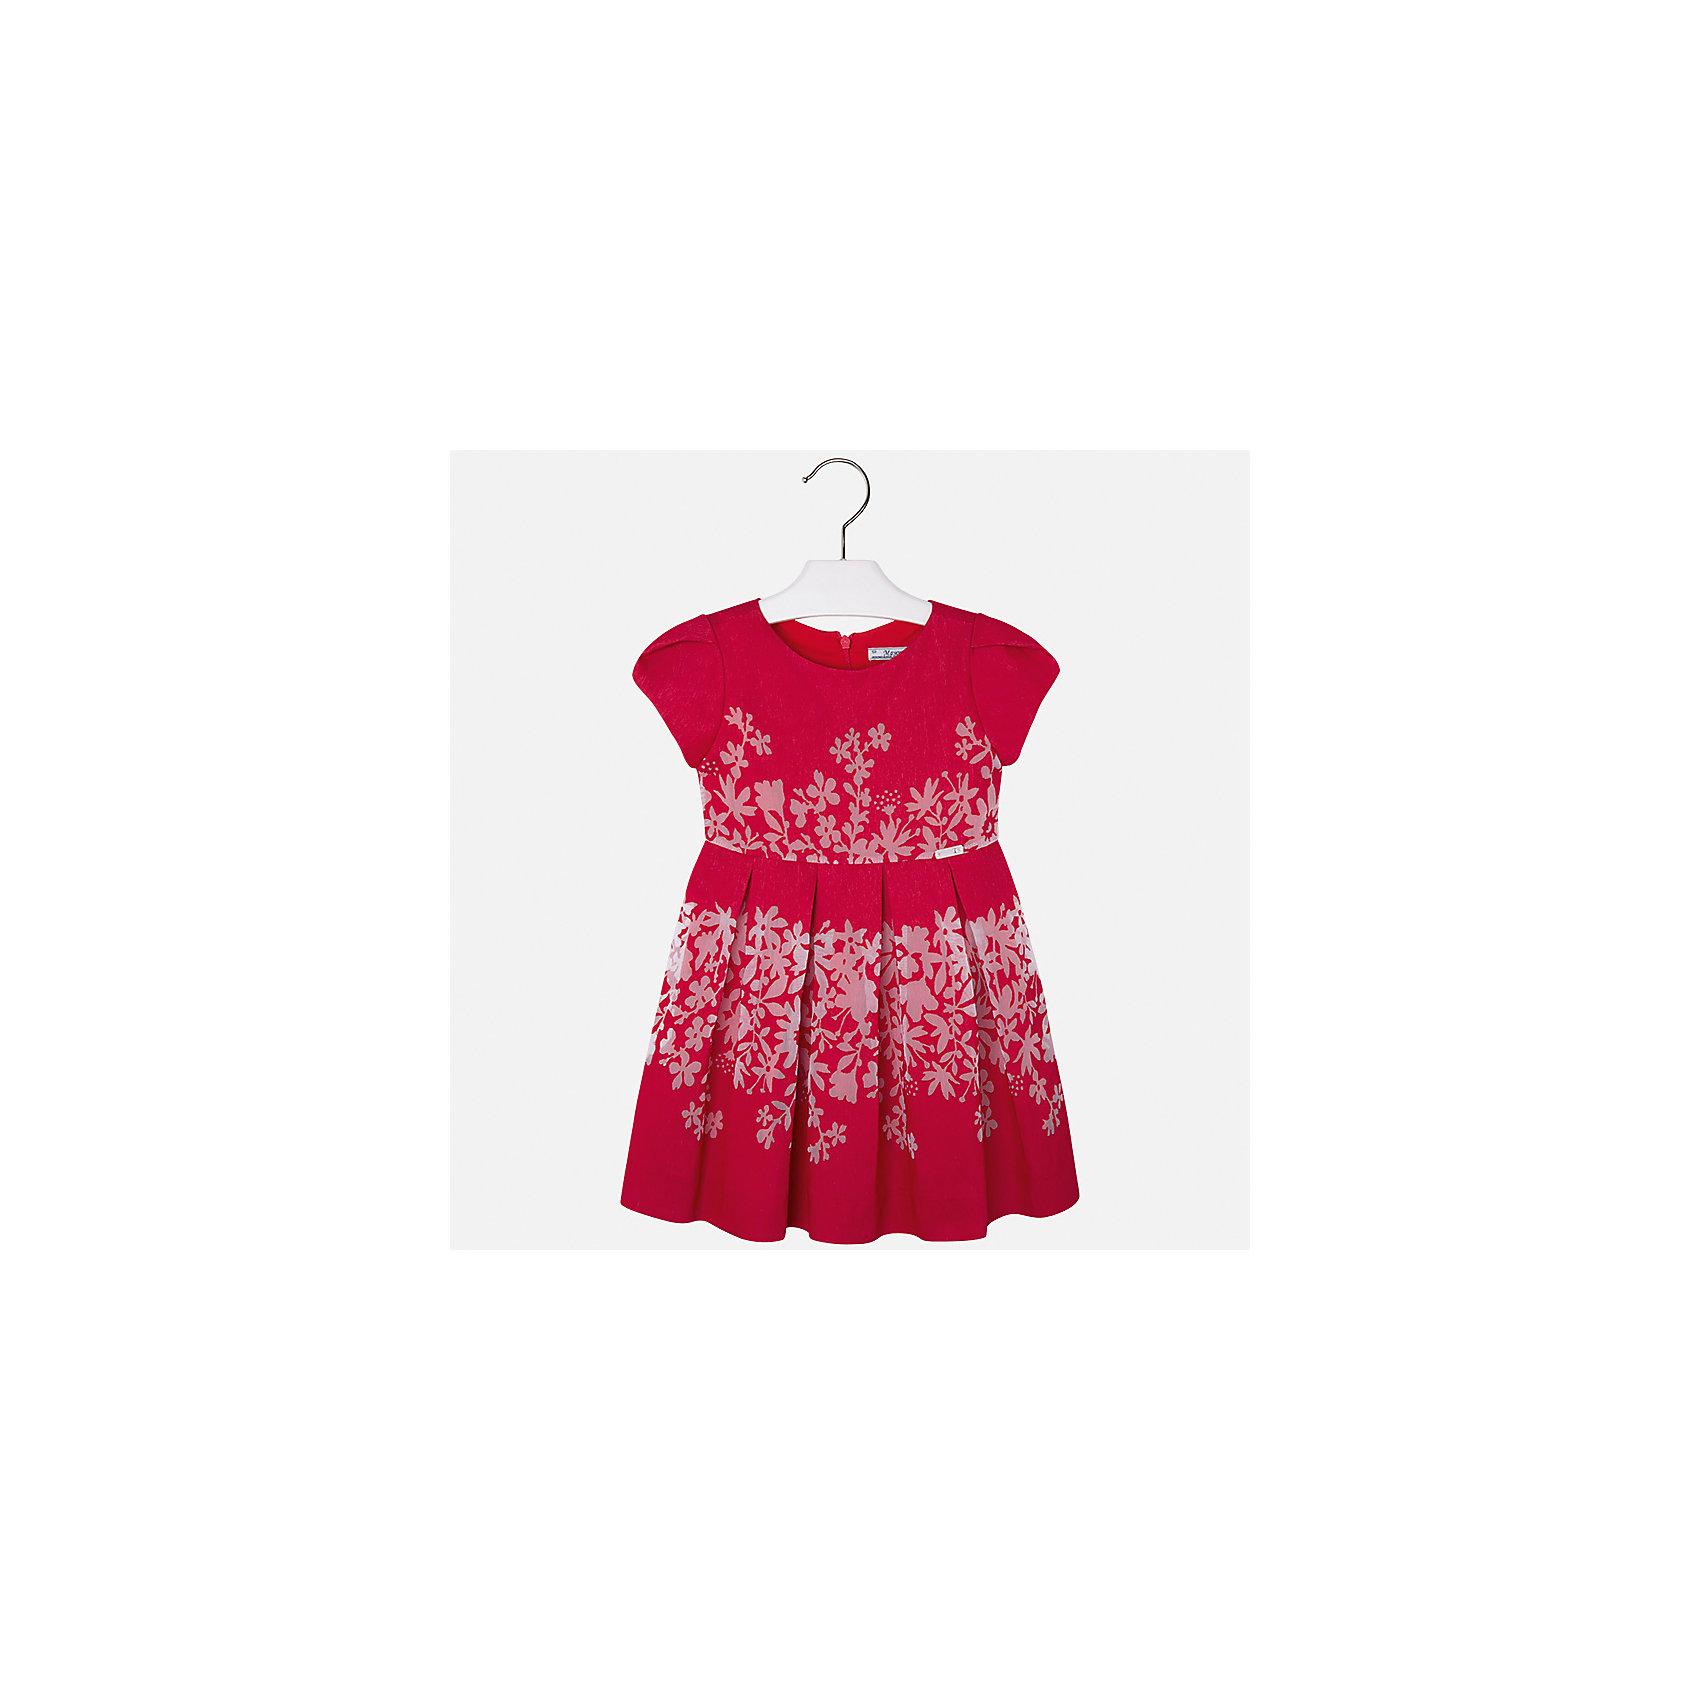 Платье для девочки MayoralОдежда<br>Характеристики товара:<br><br>• цвет: красный<br>• состав: 80% вискоза, 20% полиэстер, подкладка - 65% полиэстер, 35% хлопок<br>• застежка: молния<br>• легкий материал<br>• цветочный рисунок<br>• без рукавов<br>• с подкладкой<br>• страна бренда: Испания<br><br>Красивое легкое платье для девочки поможет разнообразить гардероб ребенка и создать эффектный наряд. Оно подойдет и для торжественных случаев, может быть и как ежедневный наряд. Красивый оттенок позволяет подобрать к вещи обувь разных расцветок. В составе материала подкладки - натуральный хлопок, гипоаллергенный, приятный на ощупь, дышащий. Платье хорошо сидит по фигуре.<br><br>Одежда, обувь и аксессуары от испанского бренда Mayoral полюбились детям и взрослым по всему миру. Модели этой марки - стильные и удобные. Для их производства используются только безопасные, качественные материалы и фурнитура. Порадуйте ребенка модными и красивыми вещами от Mayoral! <br><br>Платье для девочки от испанского бренда Mayoral (Майорал) можно купить в нашем интернет-магазине.<br><br>Ширина мм: 236<br>Глубина мм: 16<br>Высота мм: 184<br>Вес г: 177<br>Цвет: красный<br>Возраст от месяцев: 96<br>Возраст до месяцев: 108<br>Пол: Женский<br>Возраст: Детский<br>Размер: 134,98,104,110,116,122,128<br>SKU: 5291092